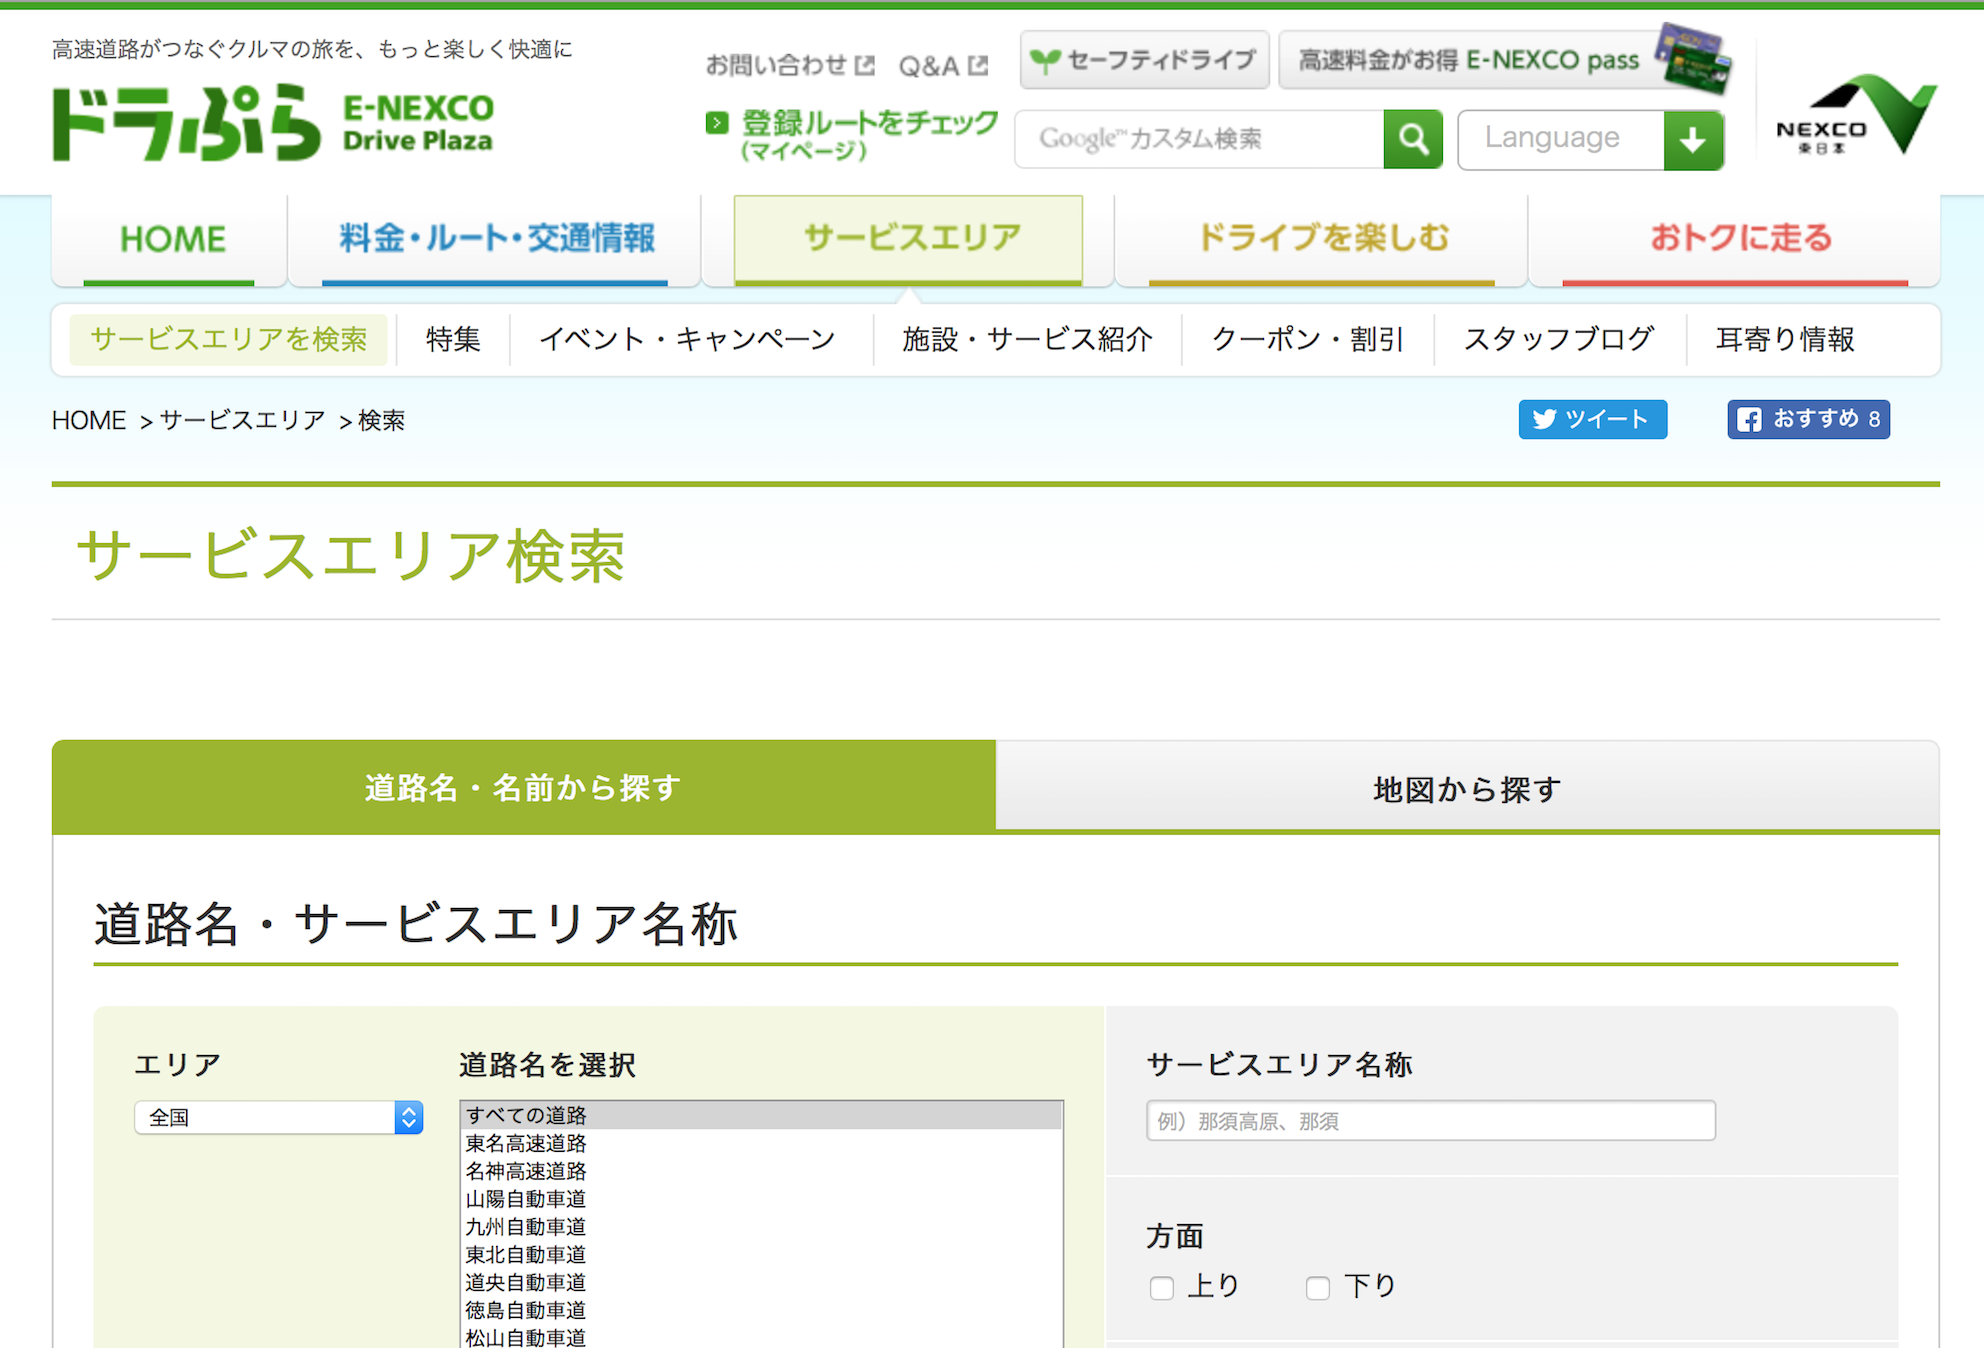 ドラぷら検索画面